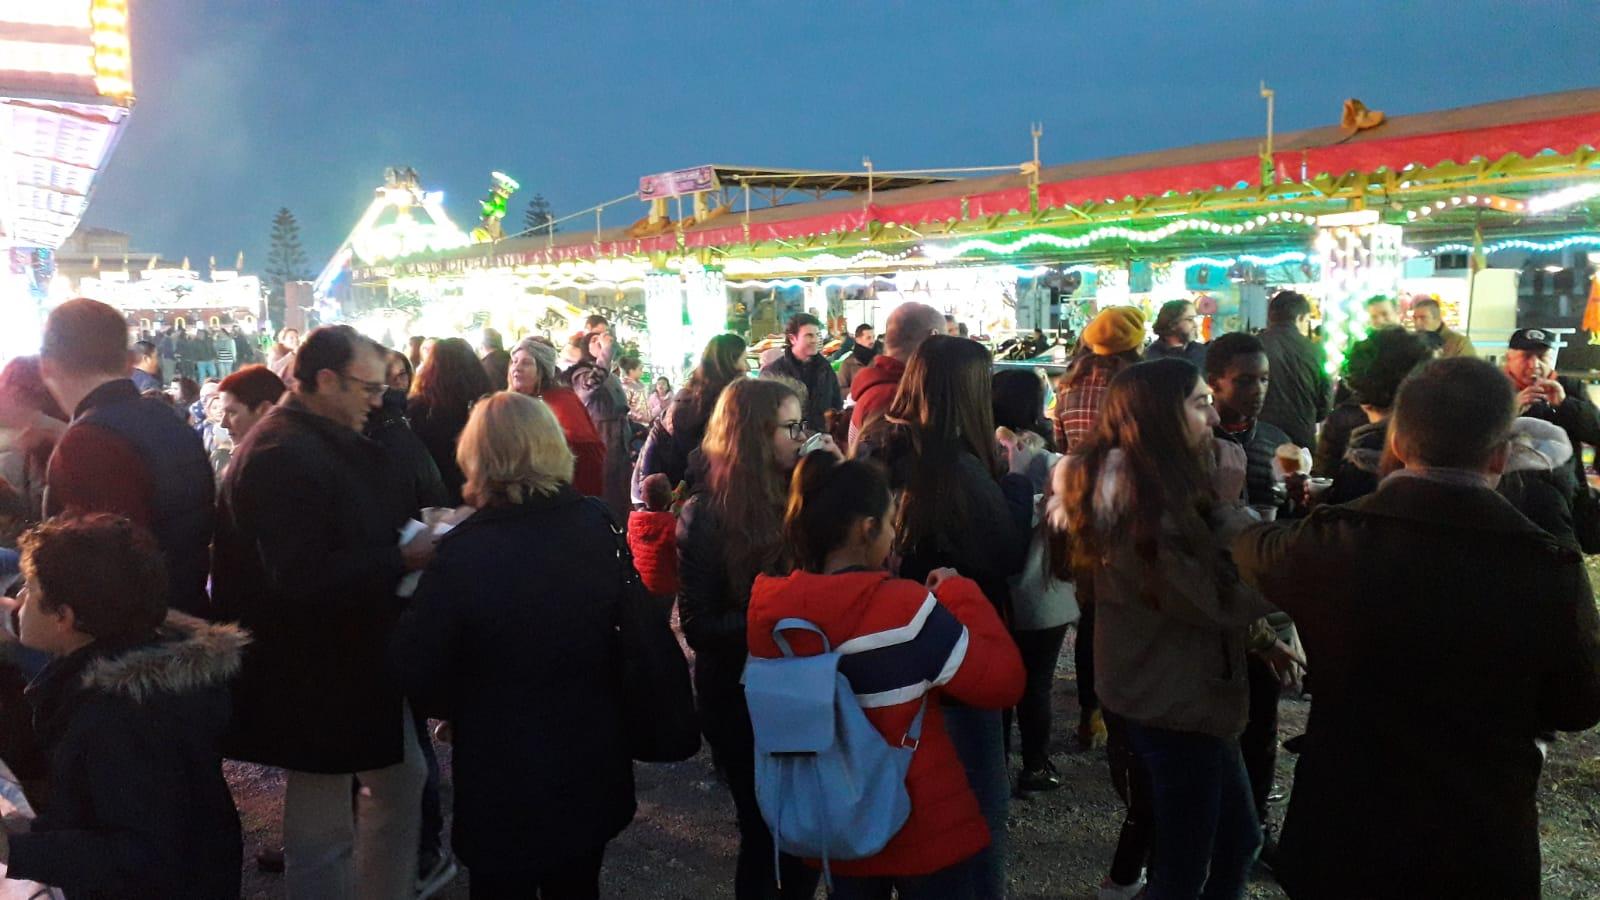 Gran ambiente en la Feria de Atracciones